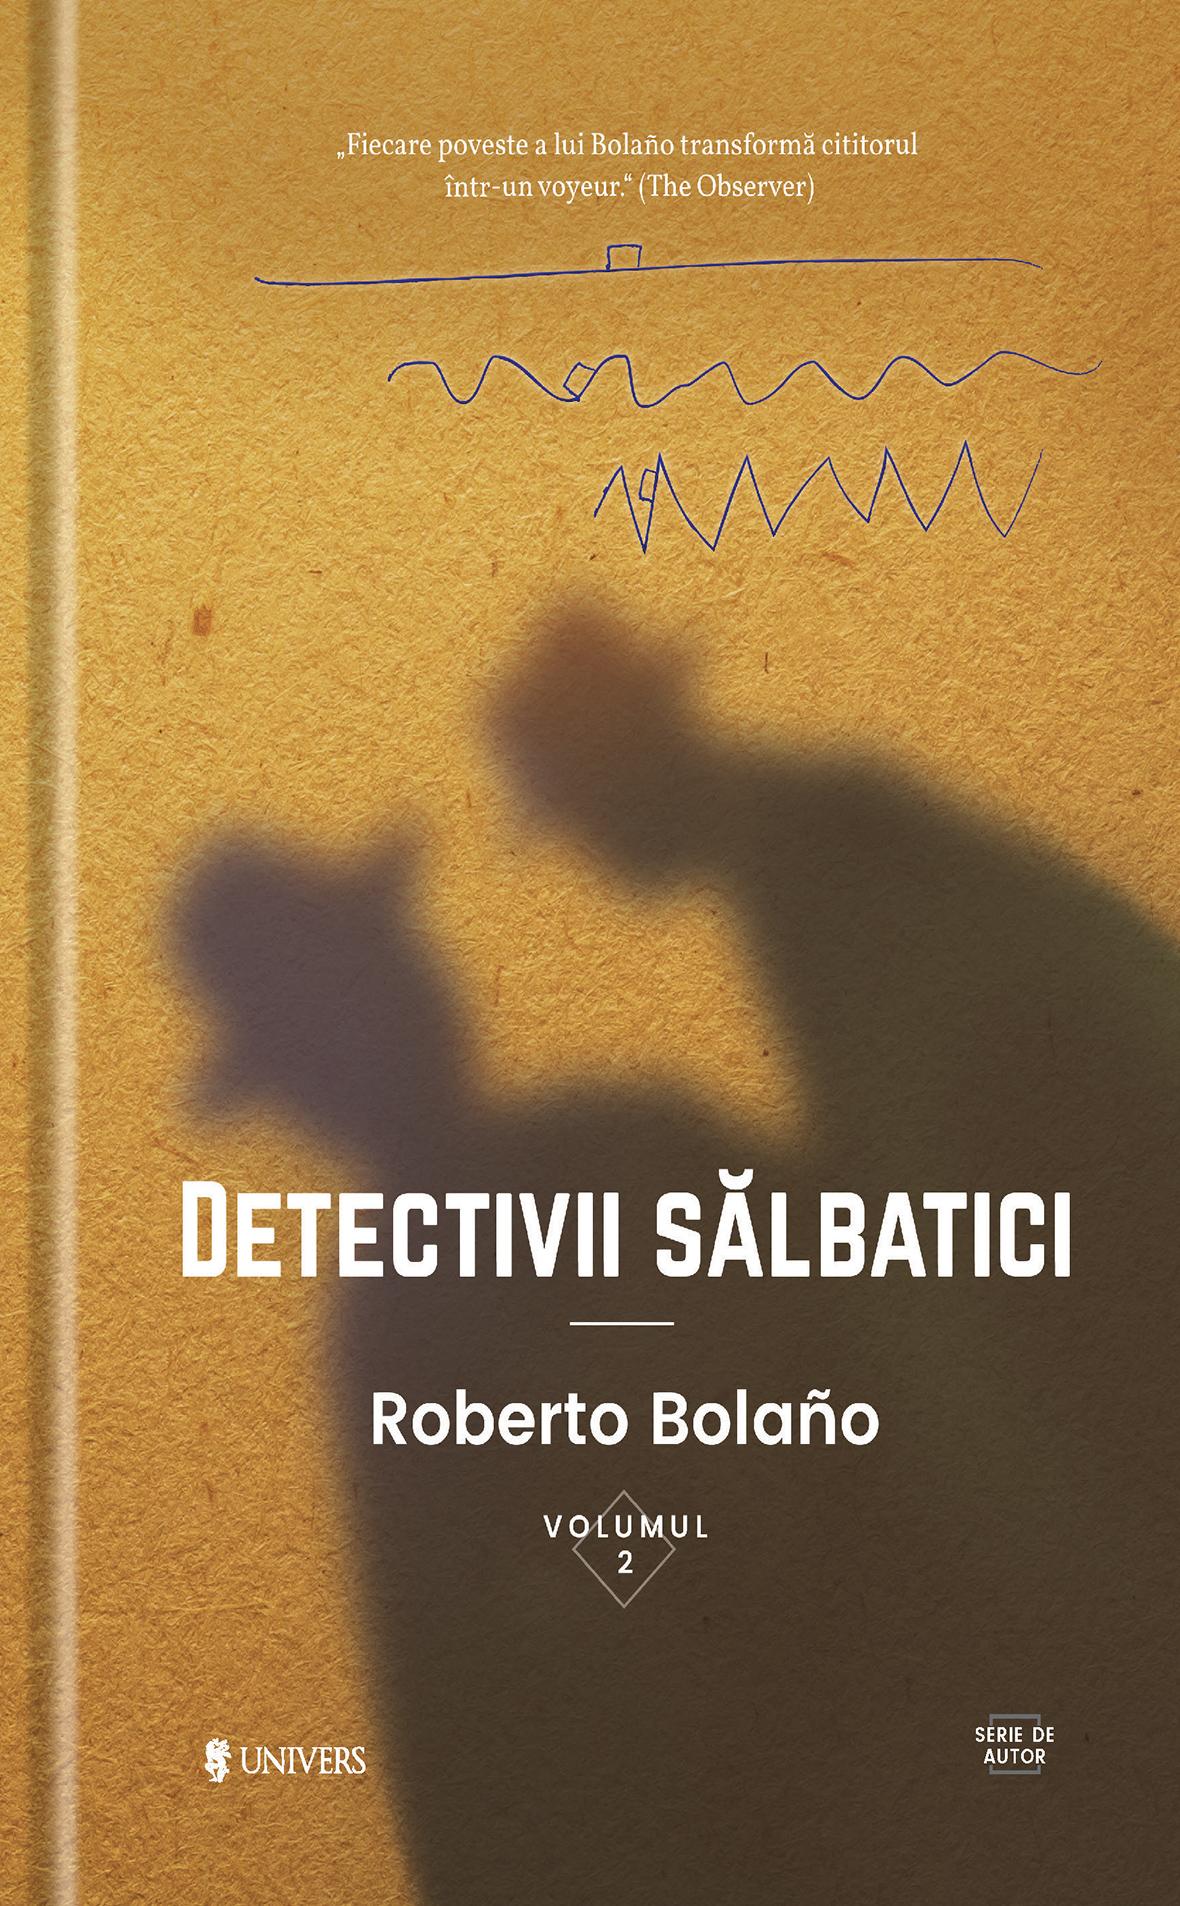 Detectivii salbatici | Roberto Bolano